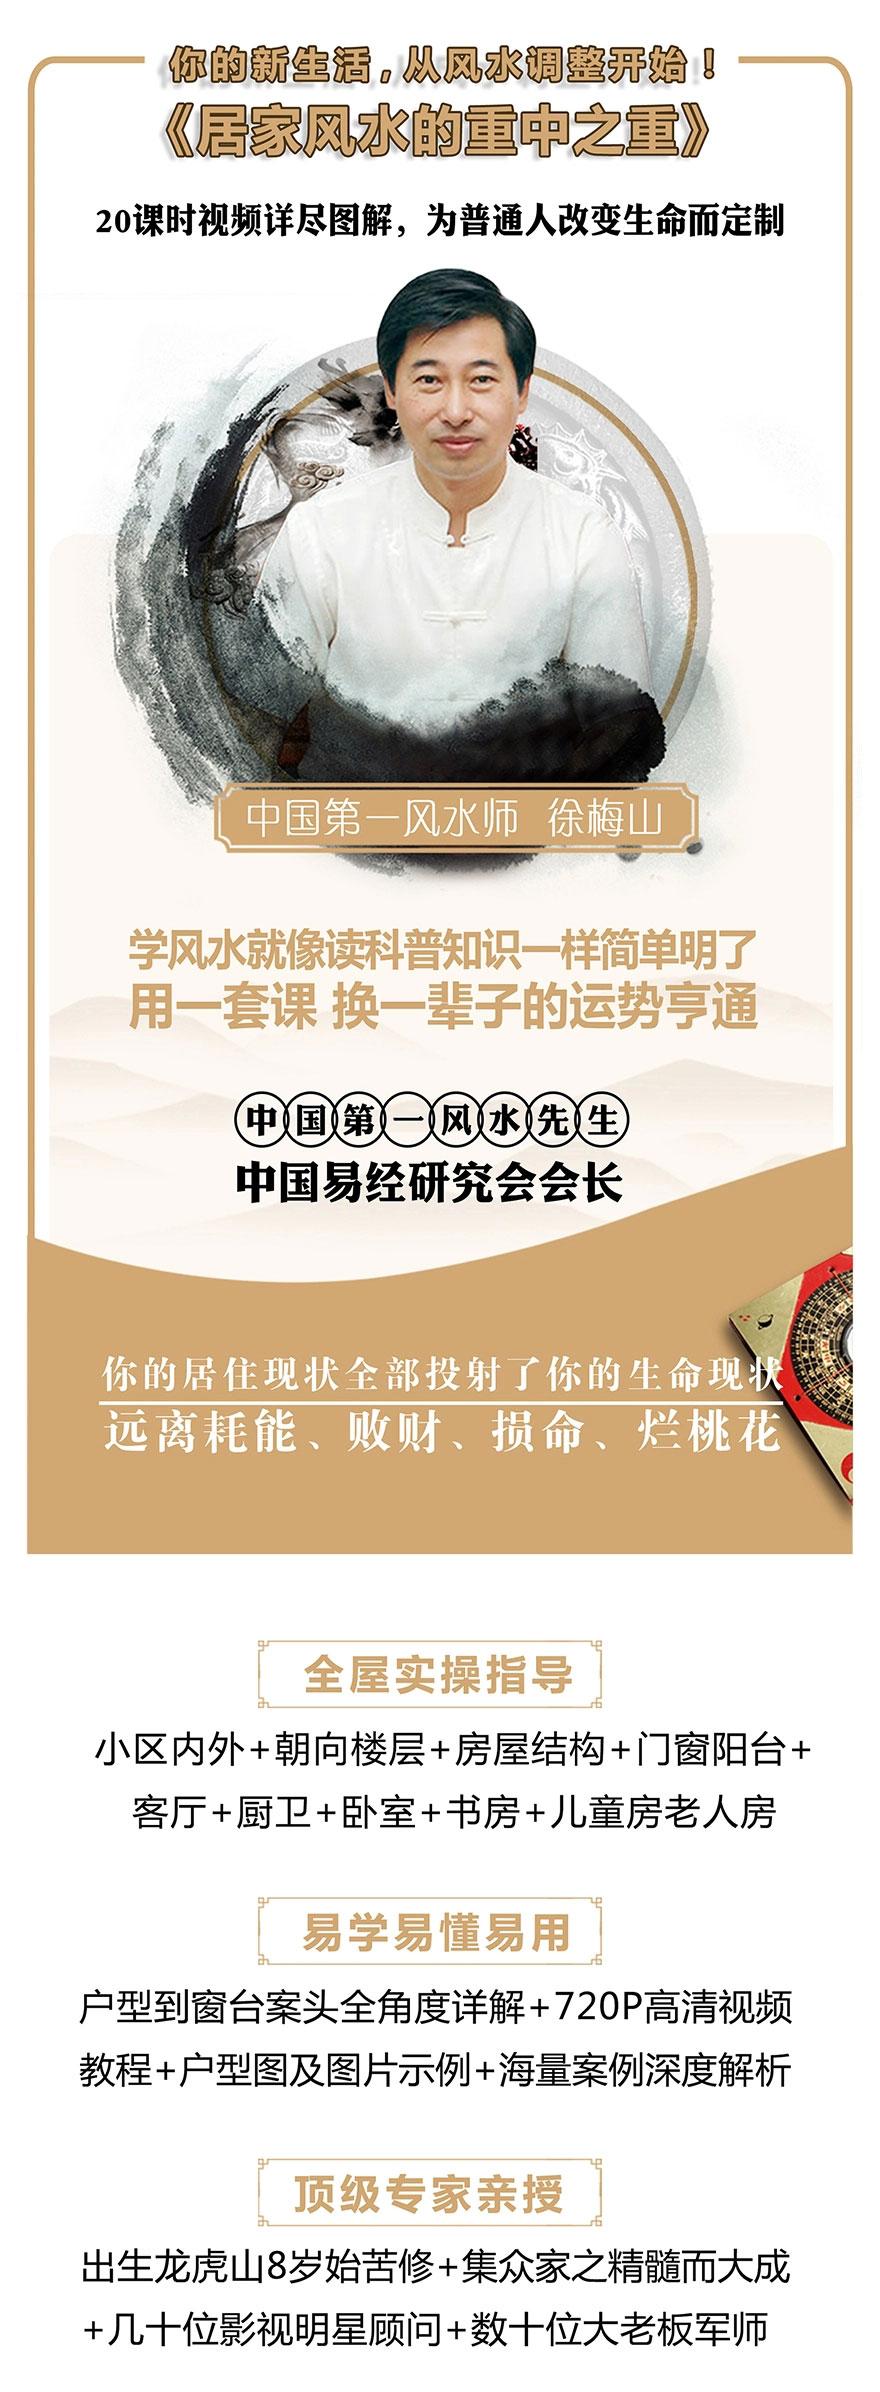 中国第一风水先生微调增运,2019 居家风水完整视频教程